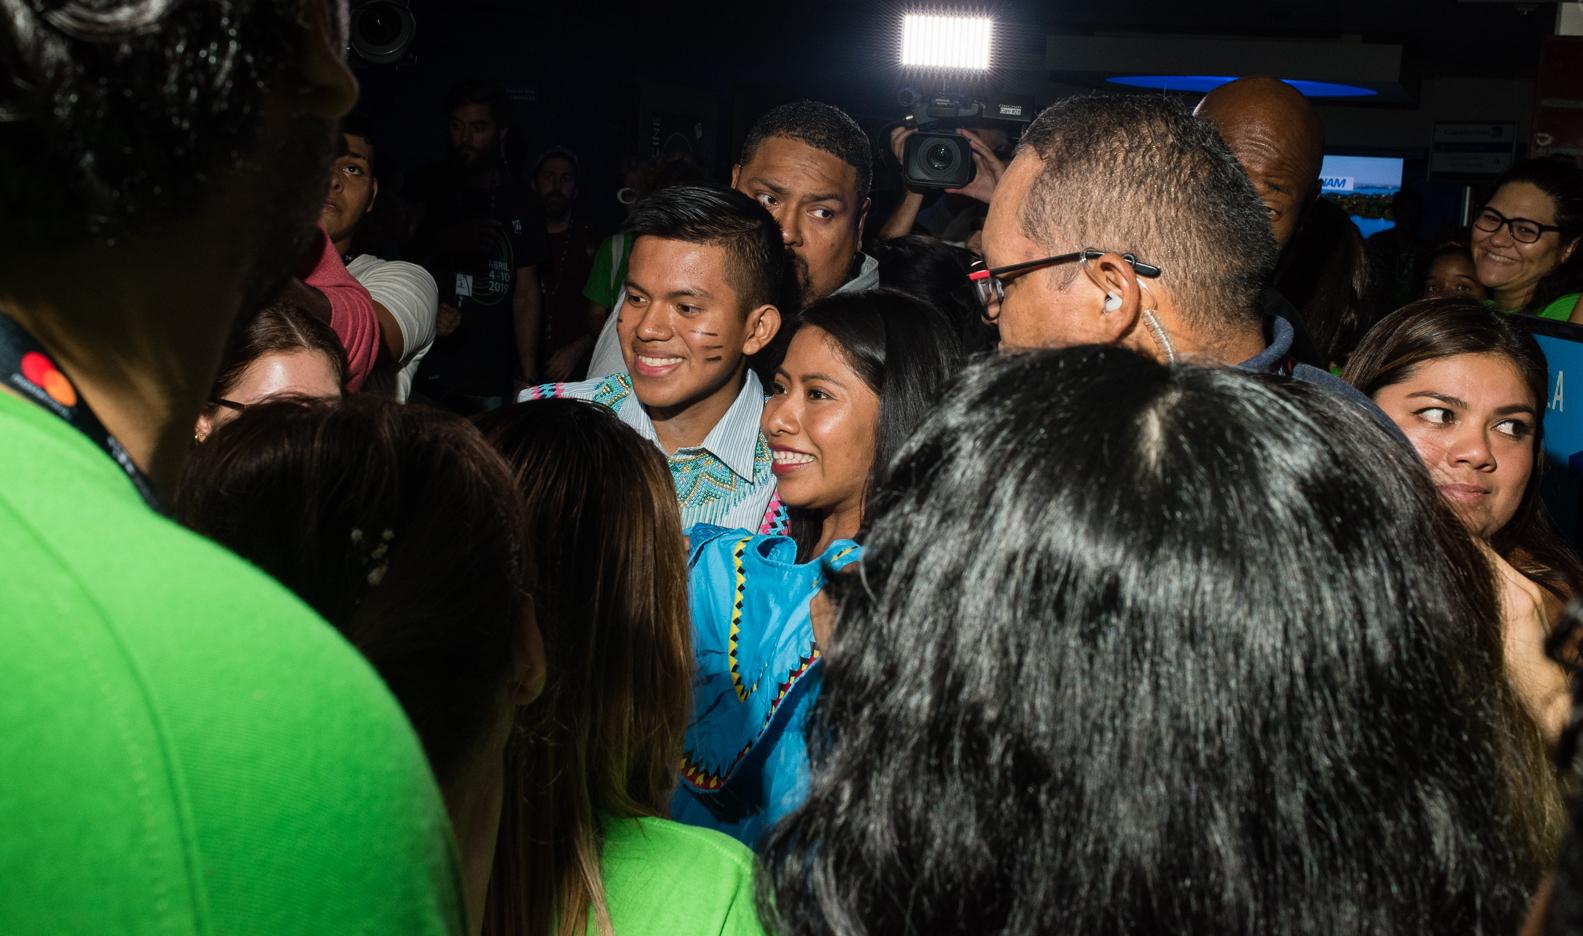 El IFF Panamá en 13 escenas: lo bueno, lo malo, lo lindo y lo feo